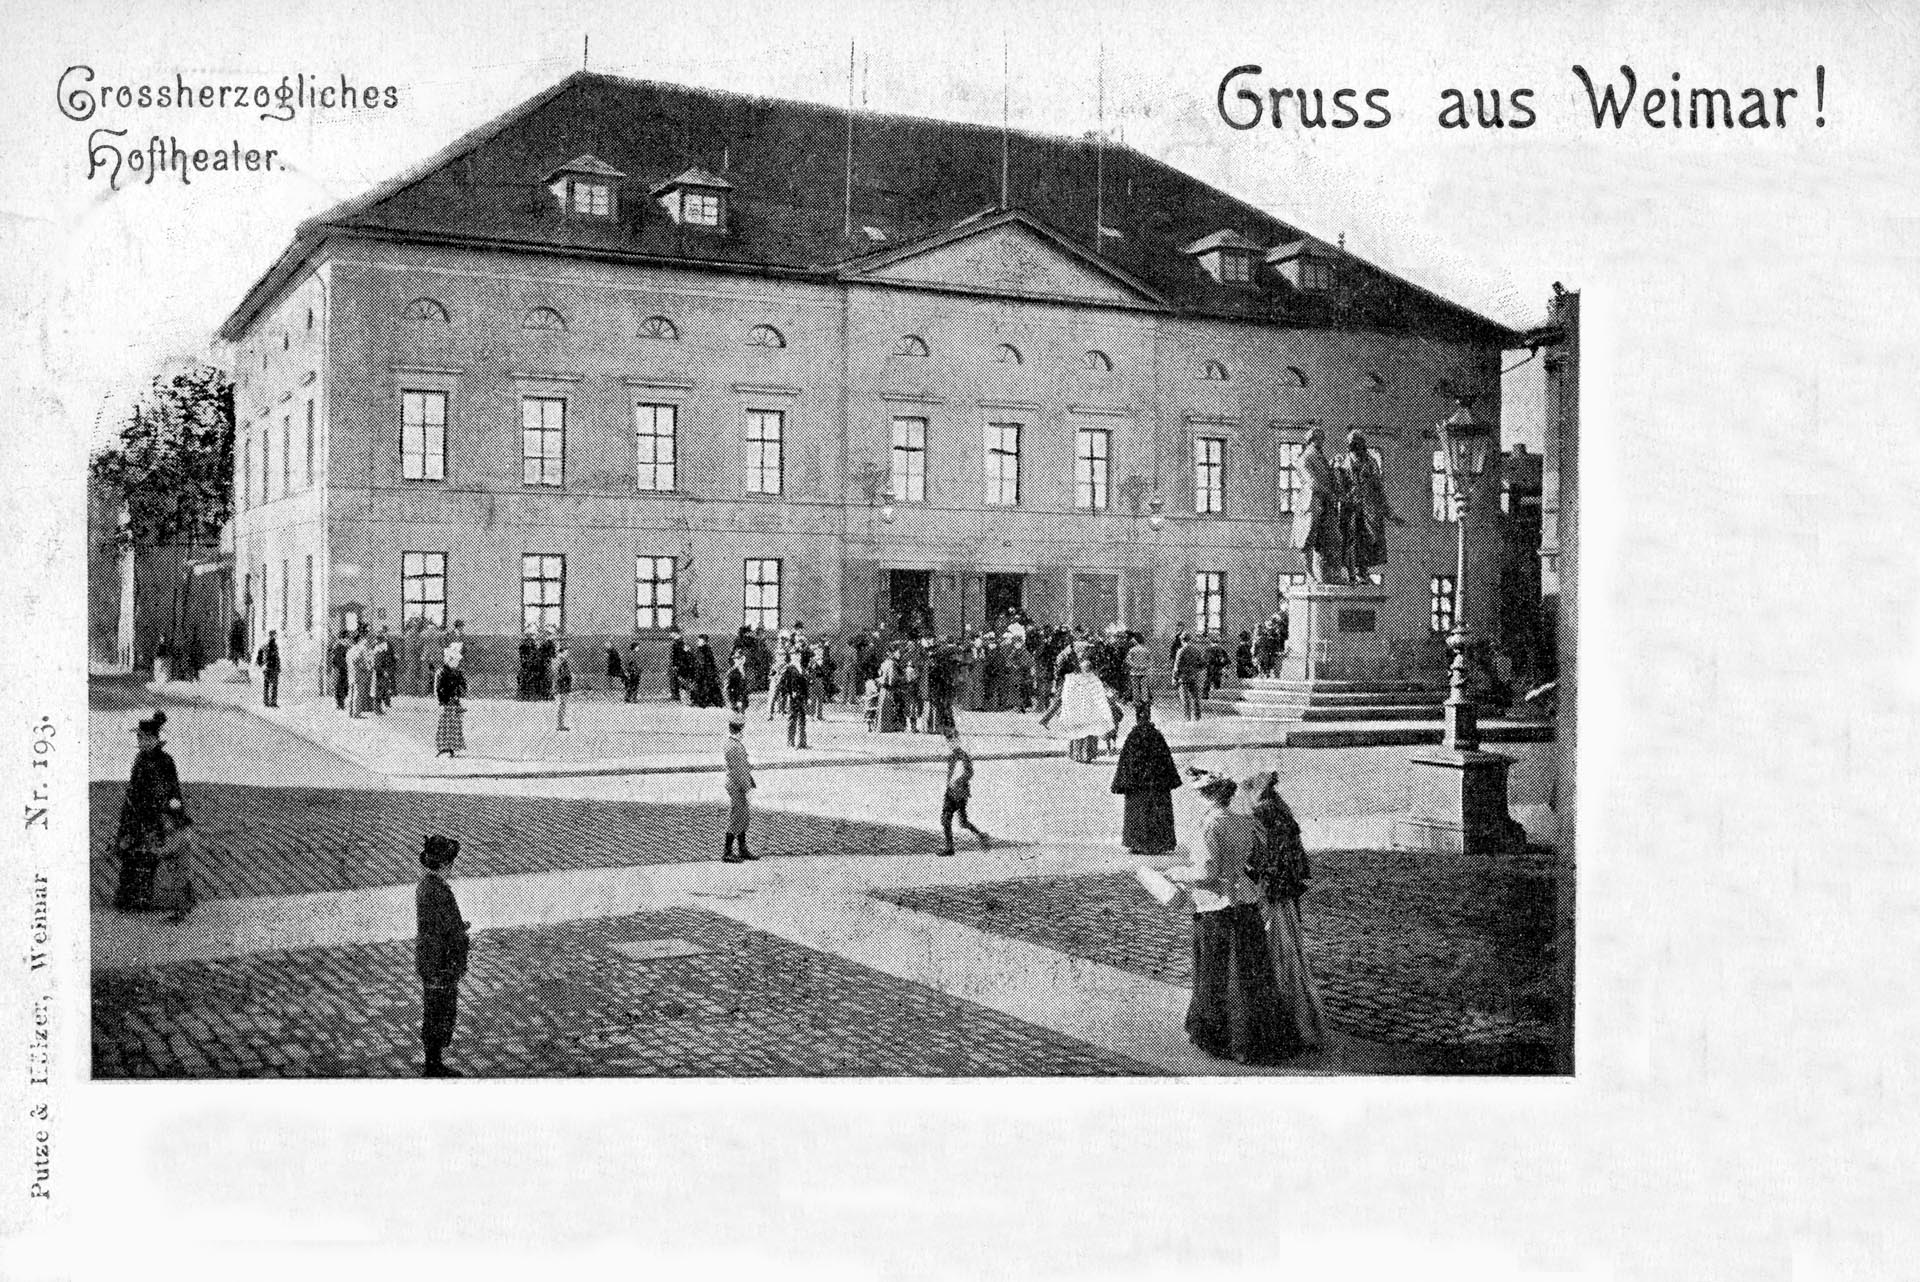 Grossherzogliches Hoftheater